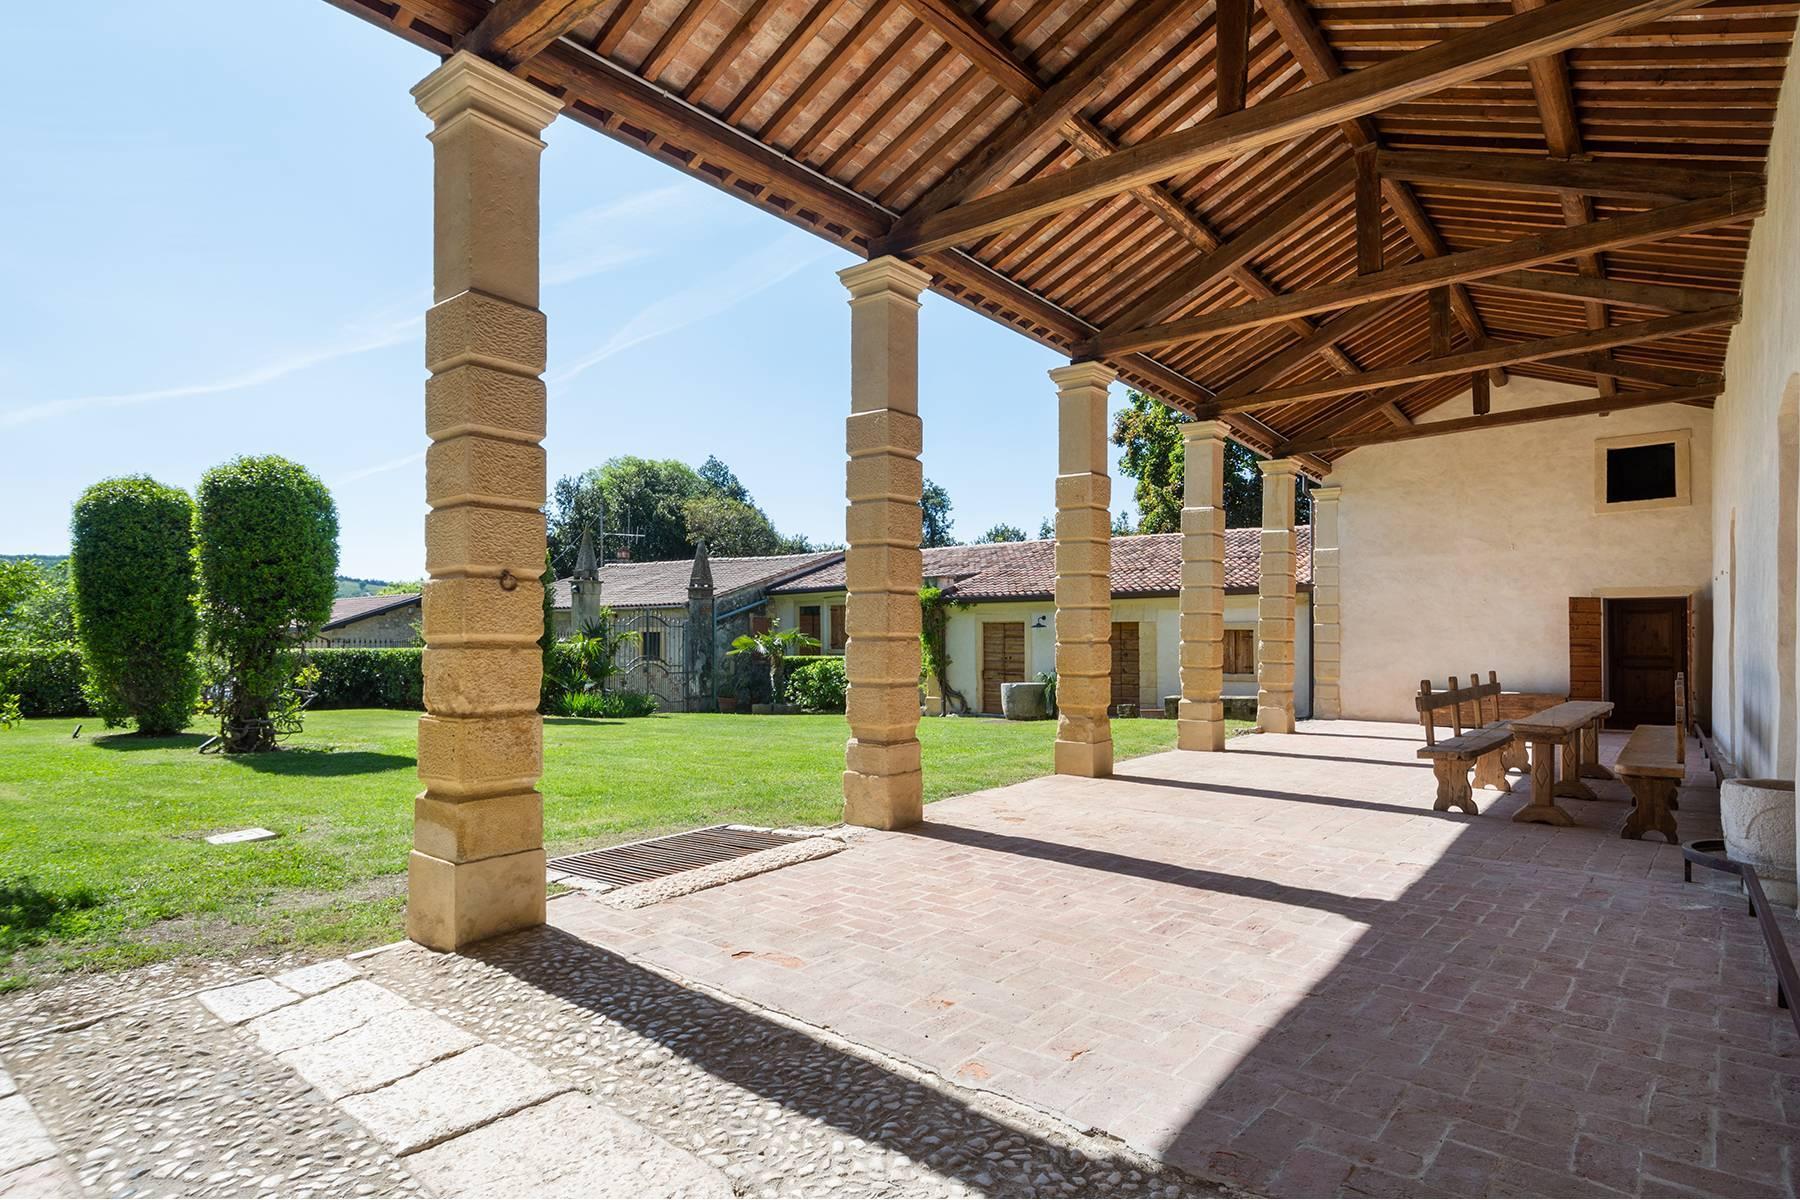 Historische Villa mit Park und prächtigem alten Keller, umgeben von Weinbergen - 29